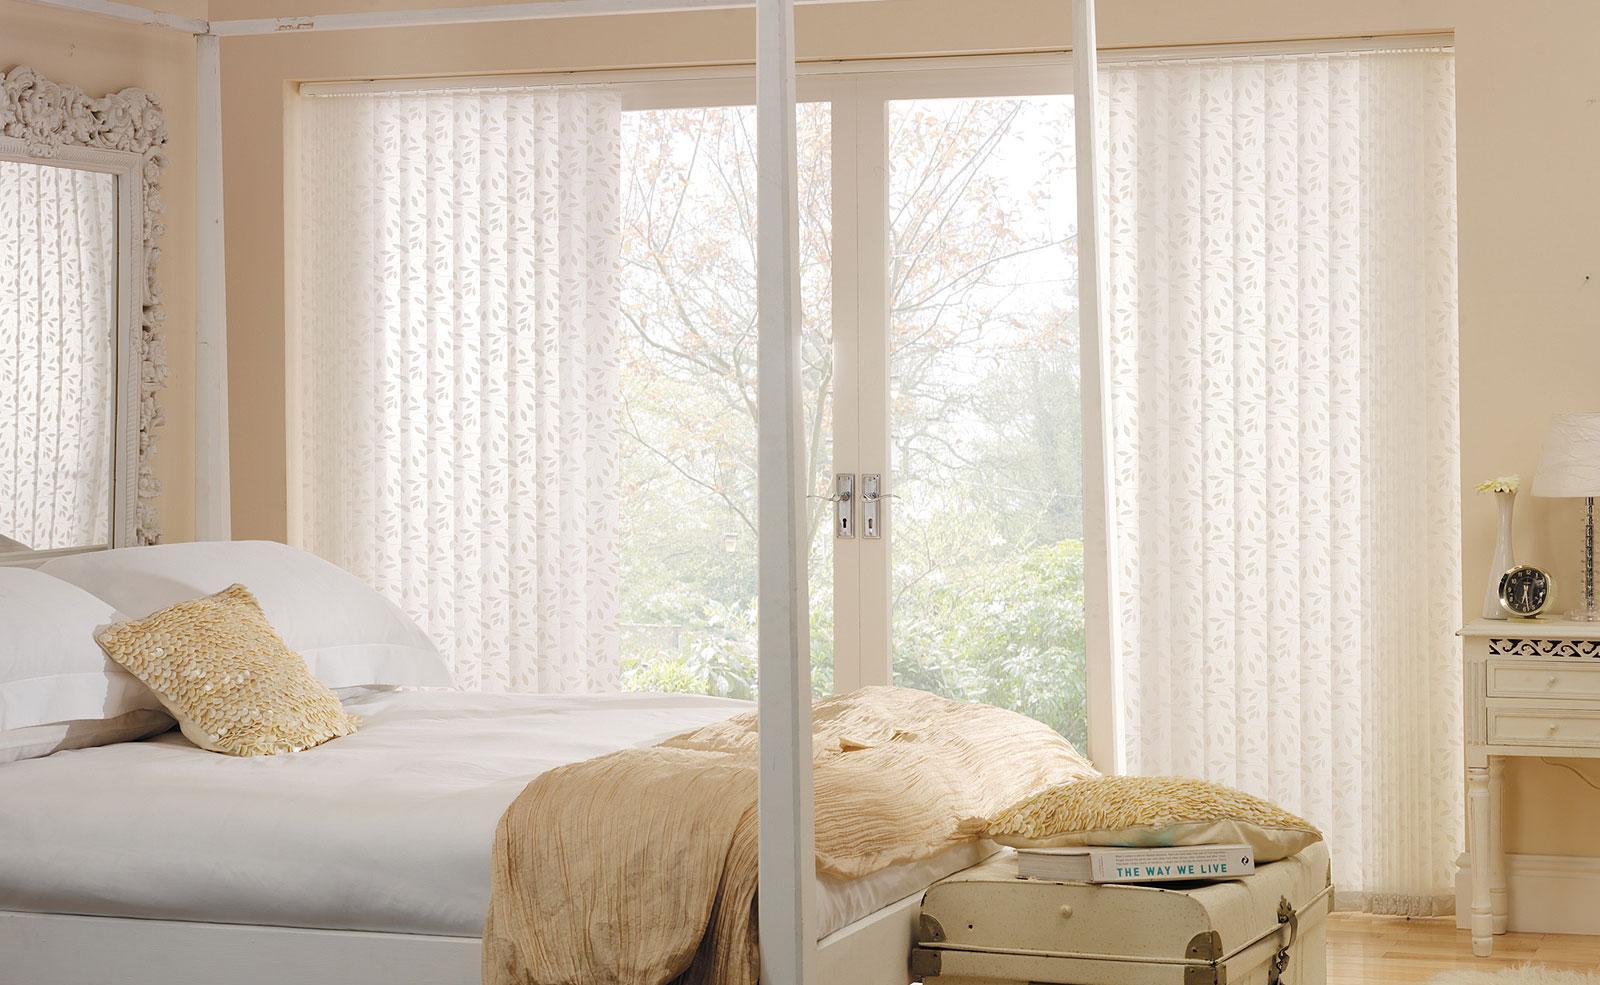 Вертикальные белые с узором жалюзи в спальне